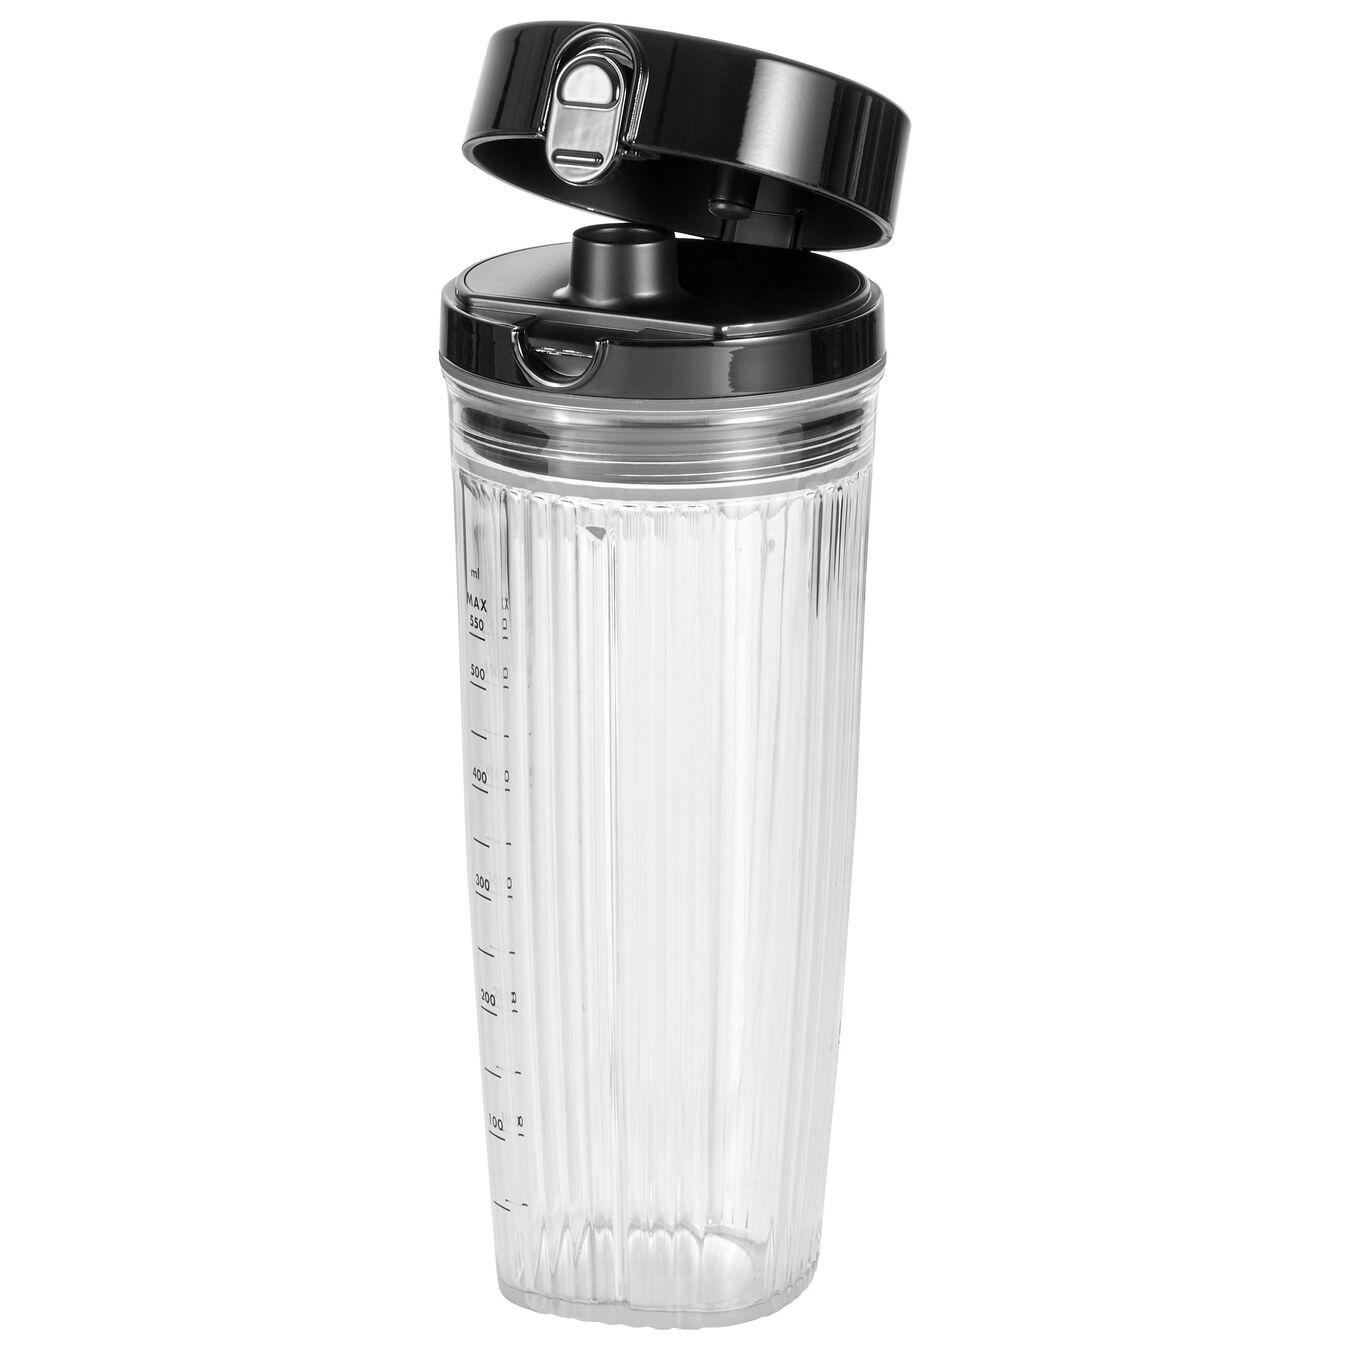 Personal Blender - Black,,large 2